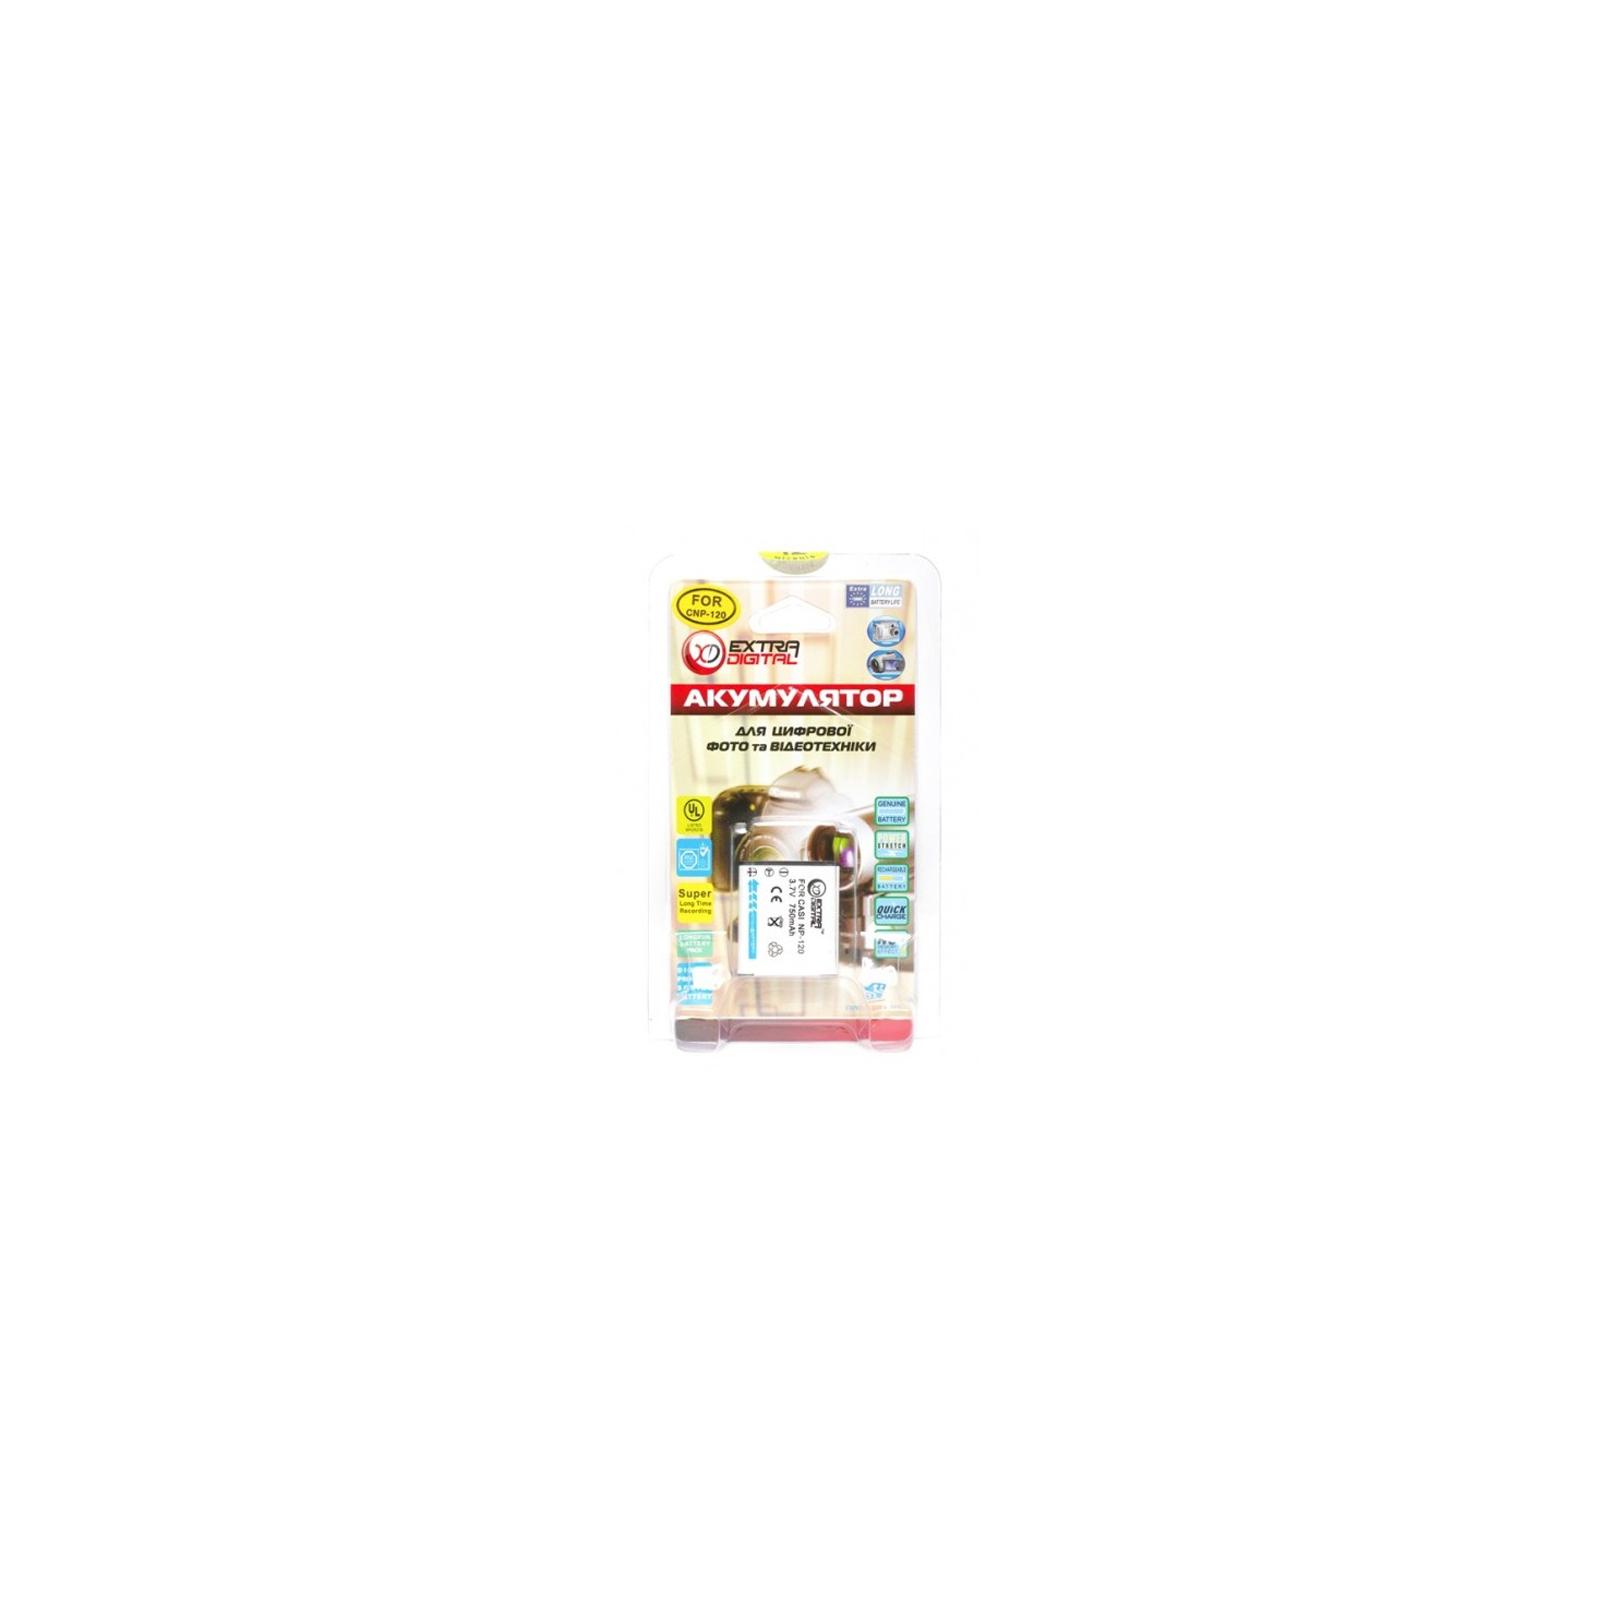 Аккумулятор к фото/видео EXTRADIGITAL Casio NP-120 (DV00DV1343) изображение 3